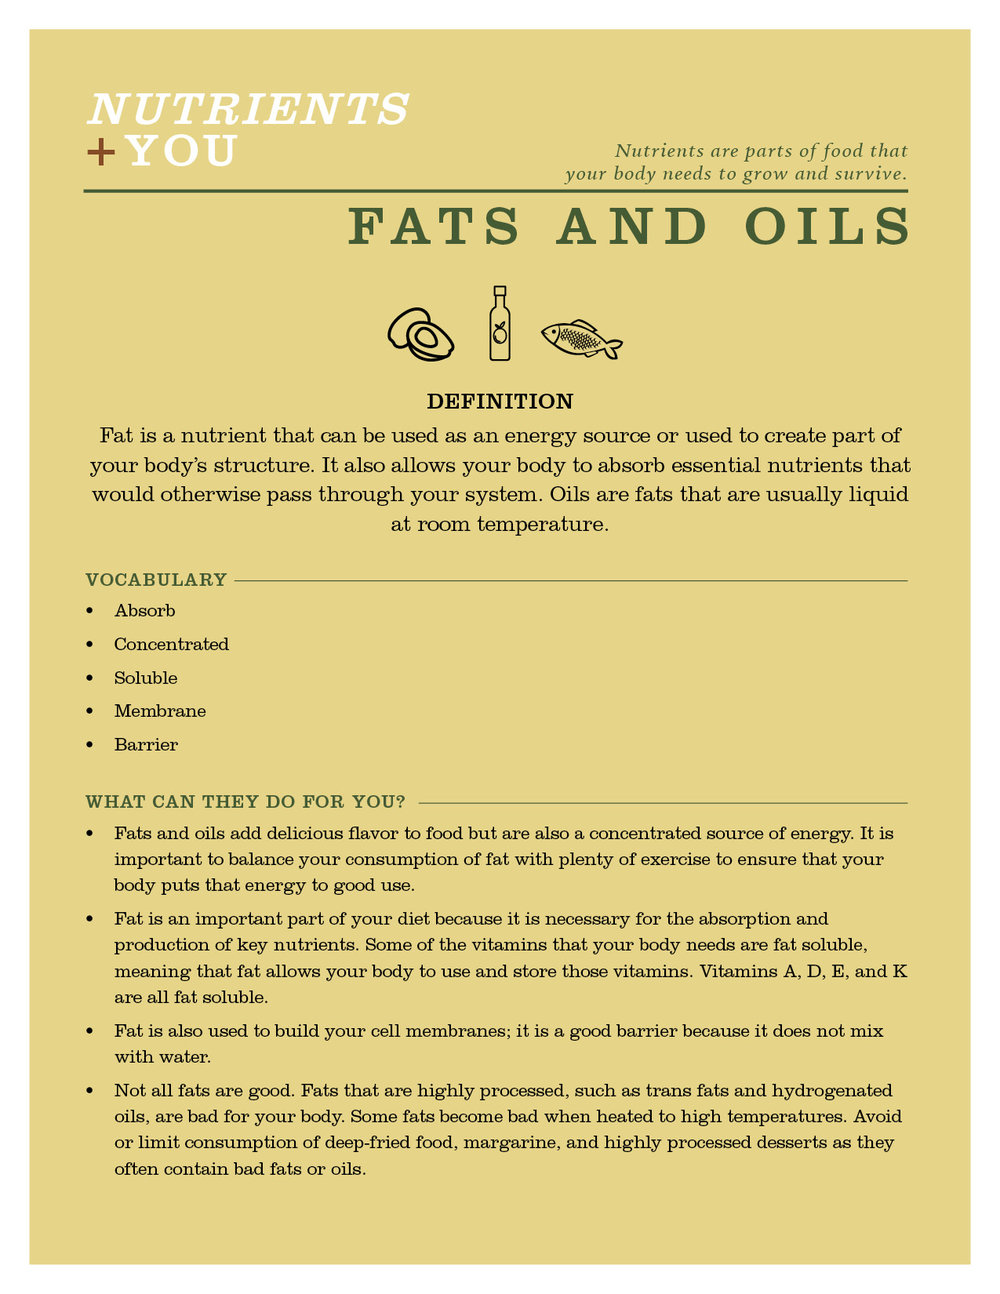 Nutrients+You_FatsOils.jpg